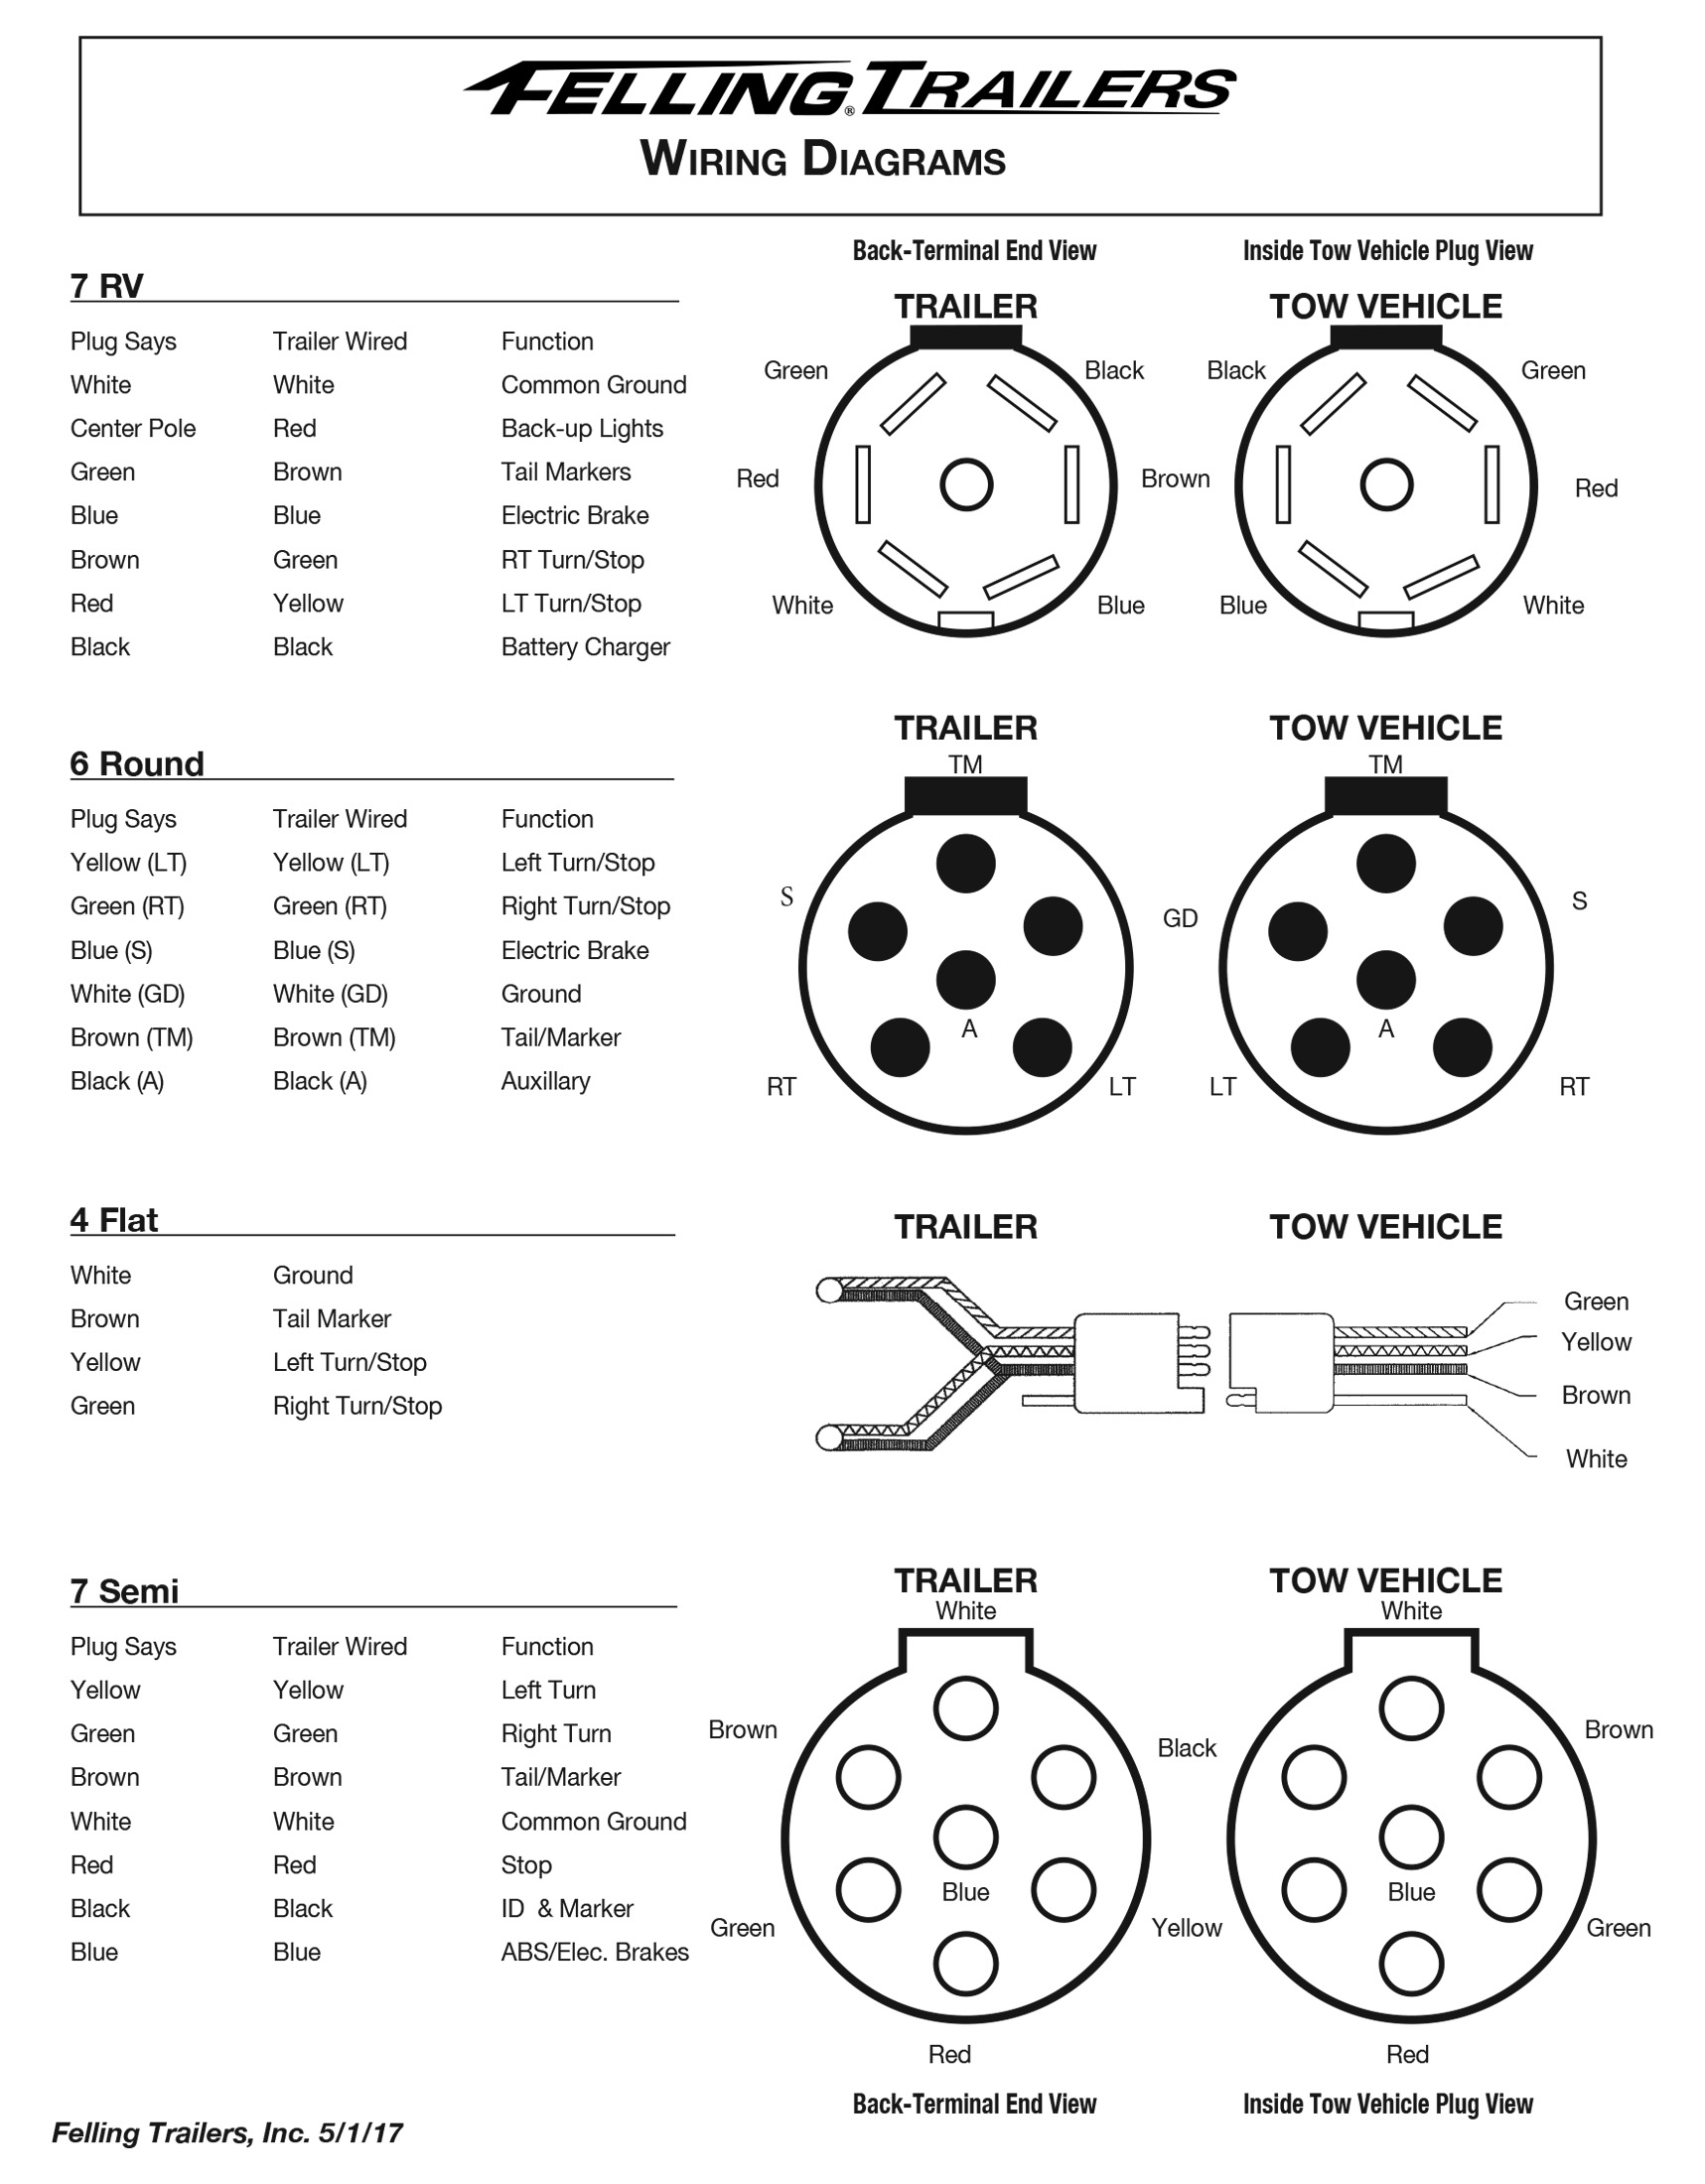 Heavy Dudy Trailer Plug Wiring Diagram | Wiring Diagram - Trailer Plug Wiring Diagram